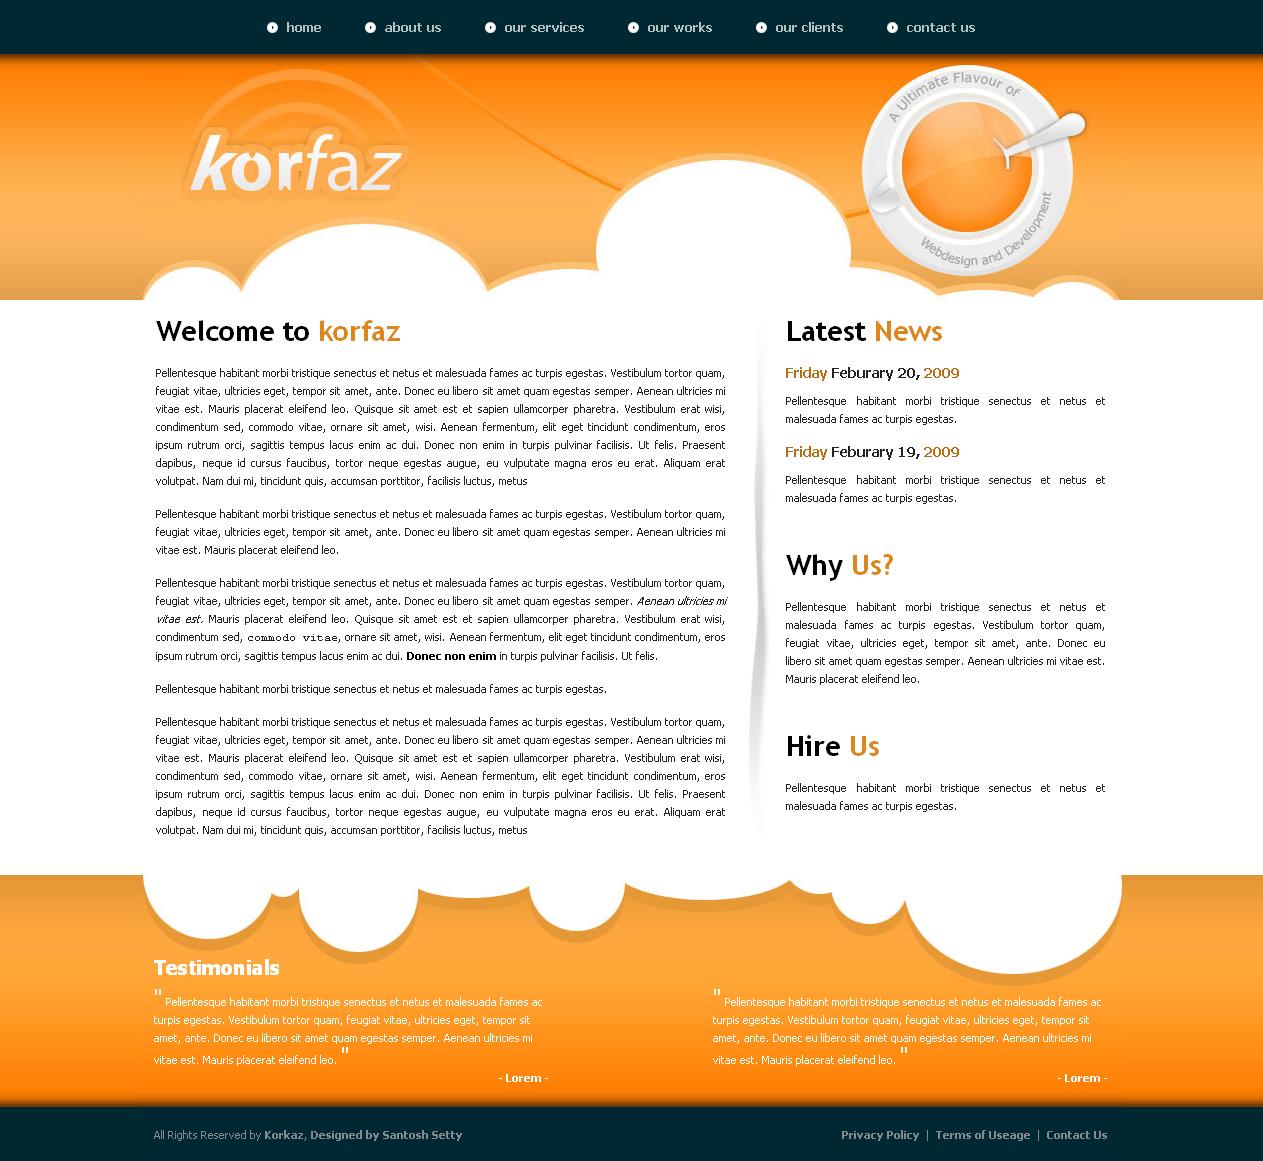 Korfaz  - Home Page of Korfaz